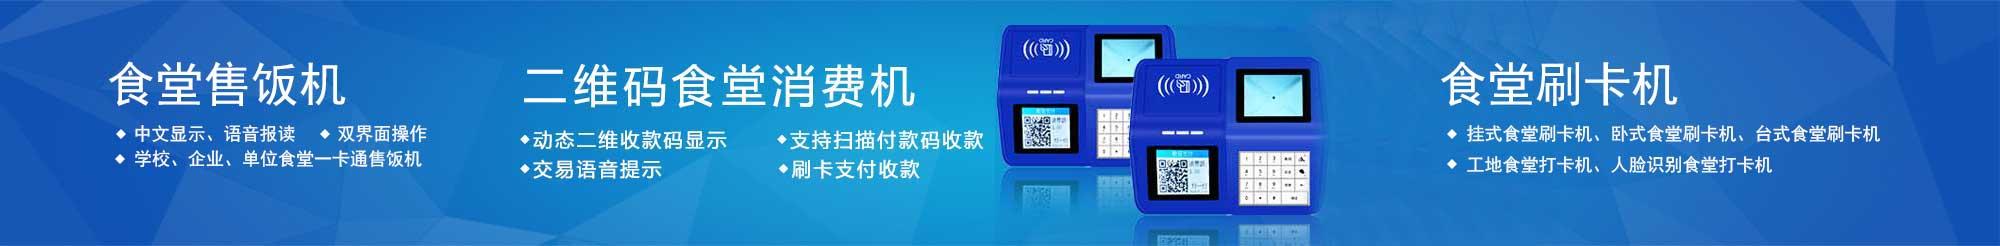 食堂售饭机,食堂刷卡机,二维码食堂消费机,食堂人脸识别消费机,安卓人脸消费机